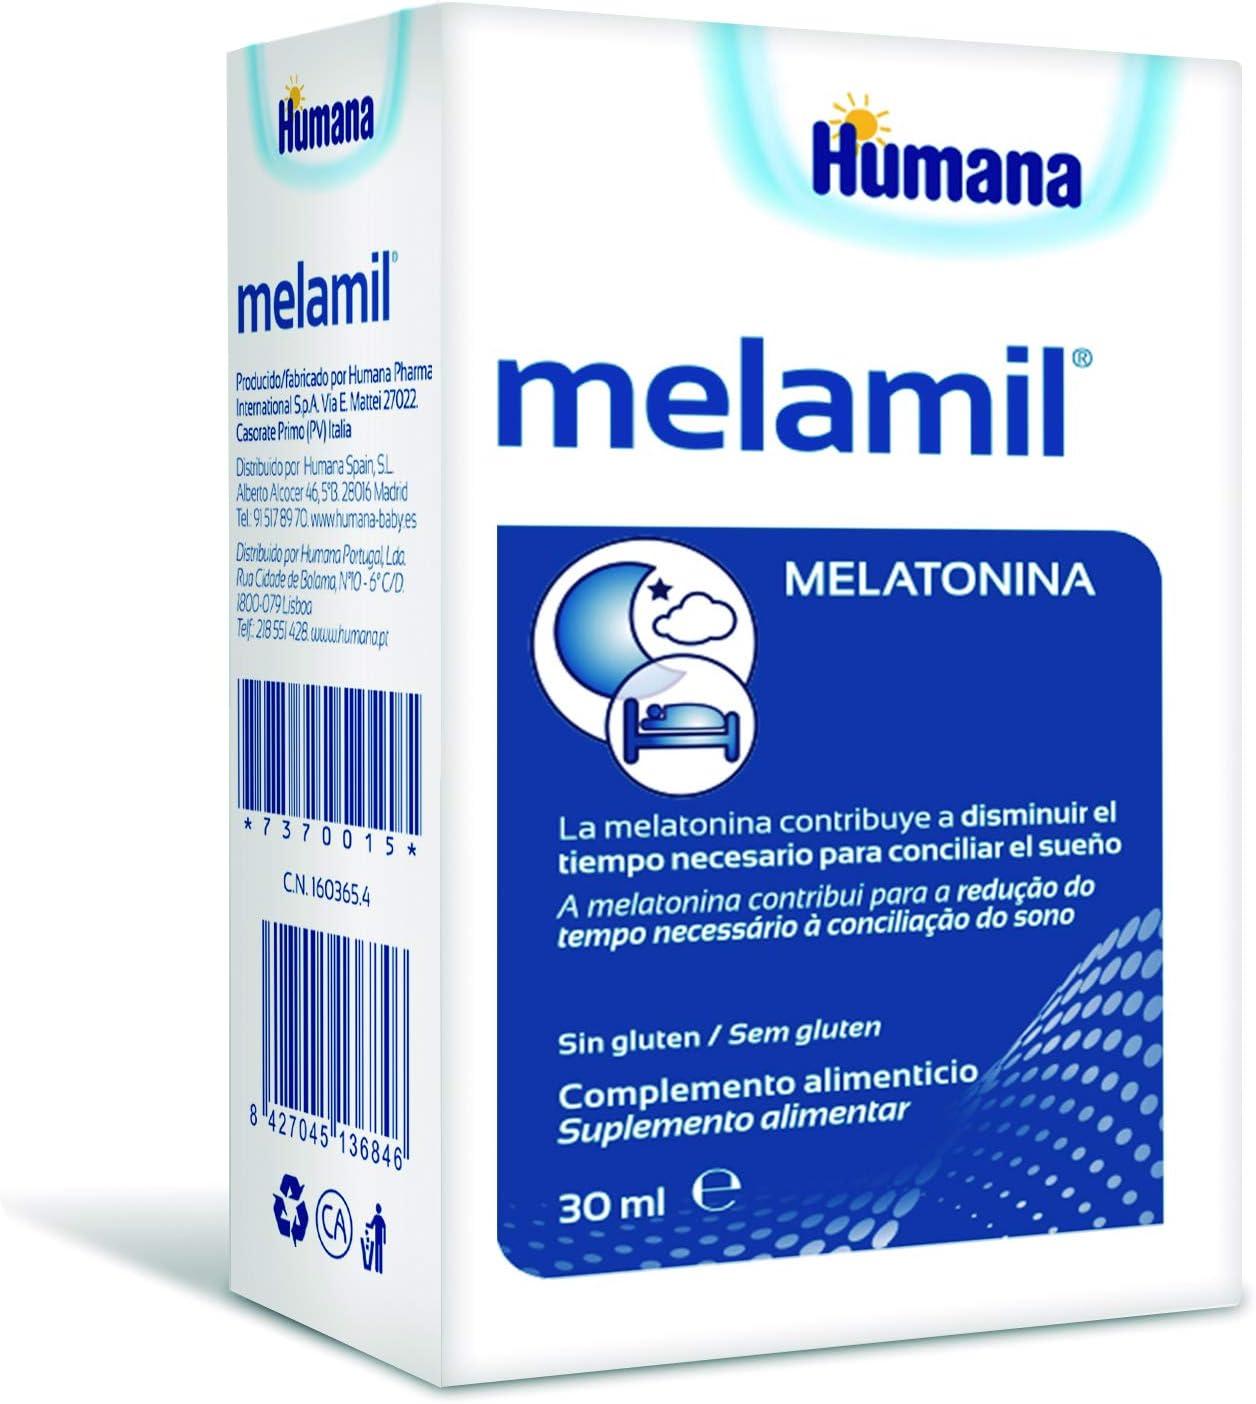 Melamil Suplemento Alimenticio 30 ml: Amazon.es: Salud y cuidado personal